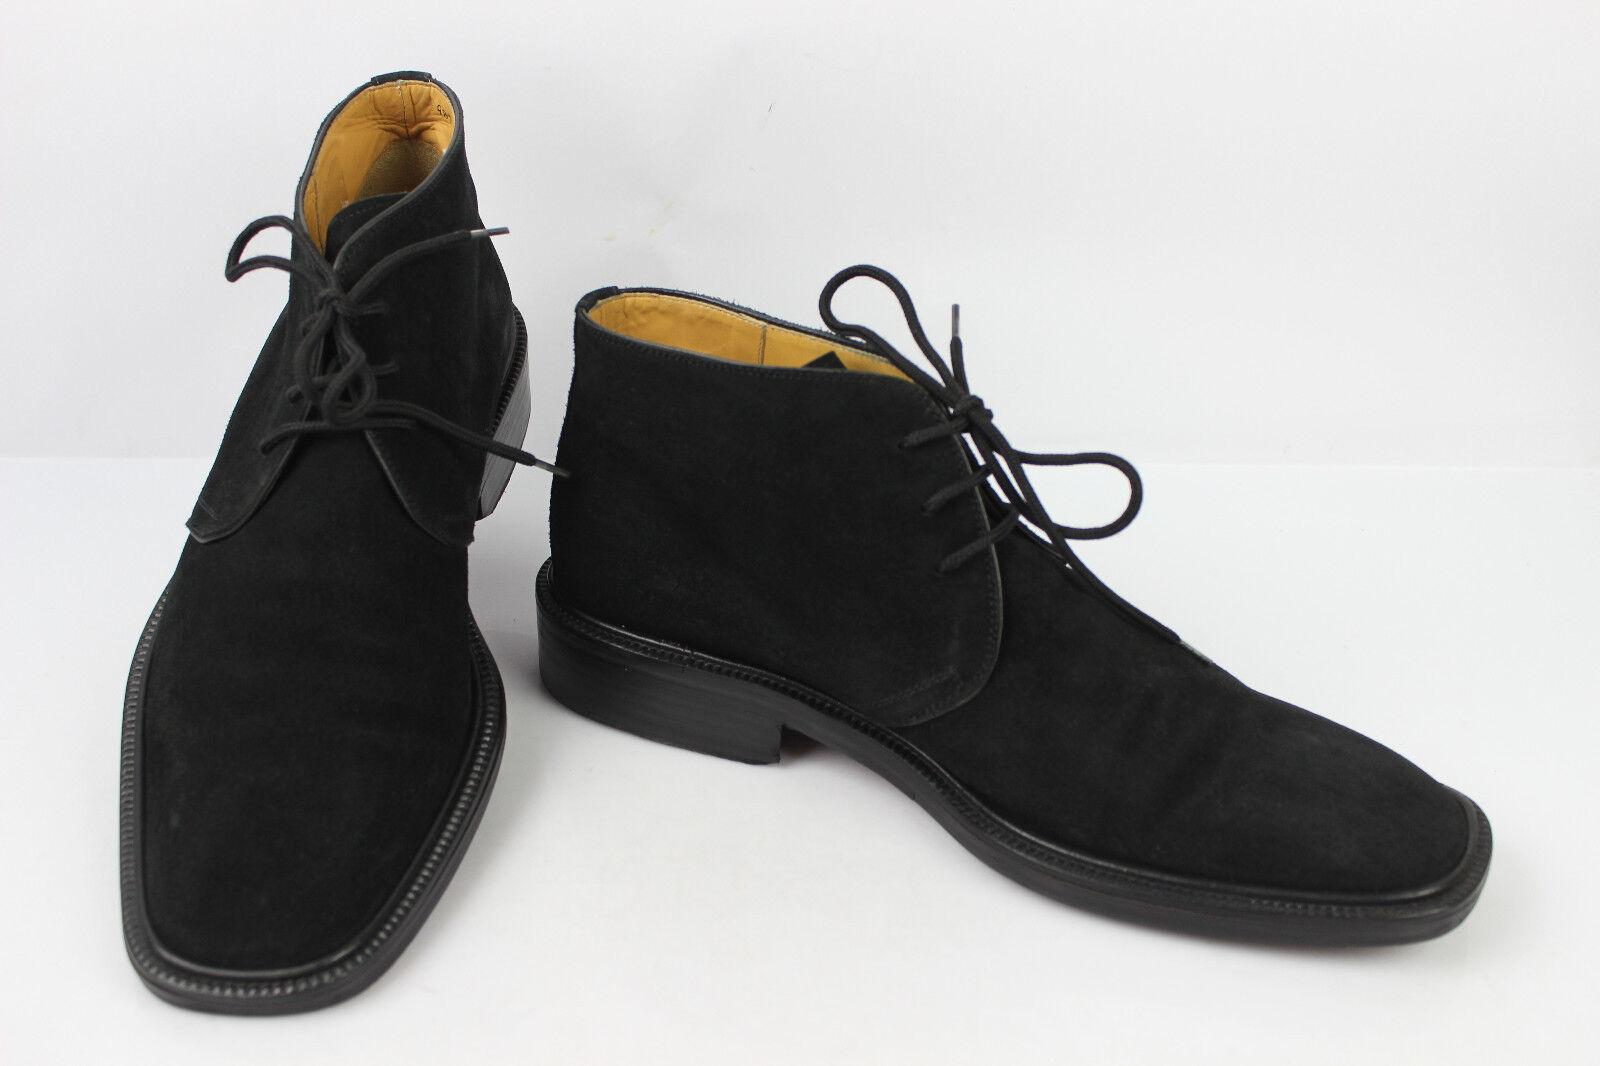 Scarpe con lacci / Stivali HEYRAUD In Pelle Camoscio Nero T 44 ottima qualità